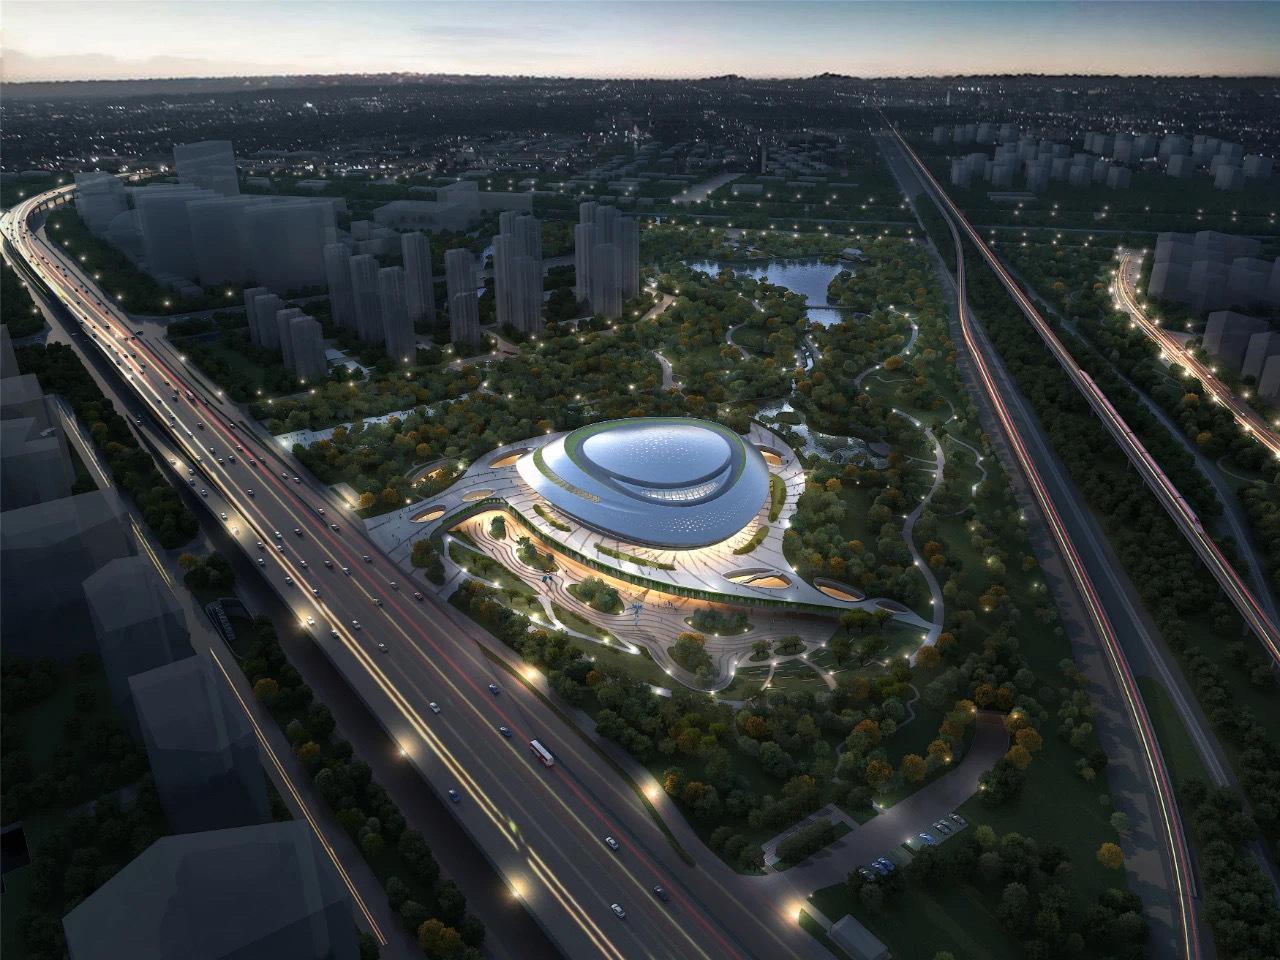 杭州2022年亚运会电竞场馆公布 造型像消食片